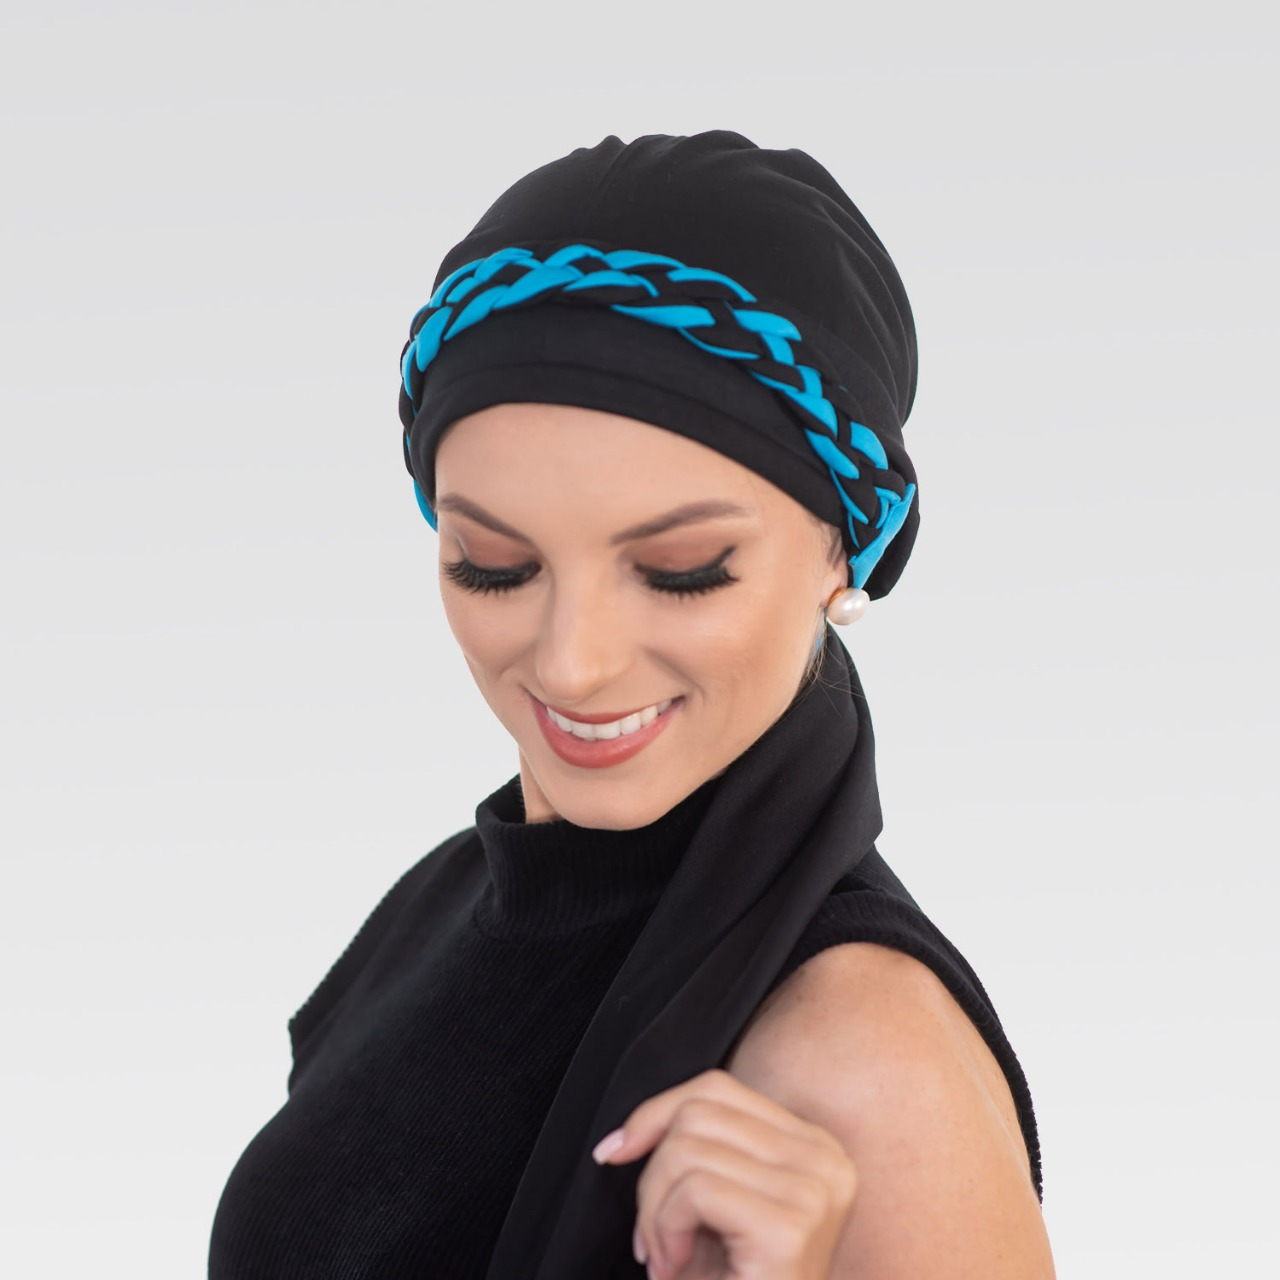 Turbante Preto + Trança simples Preto com Azul Turquesa